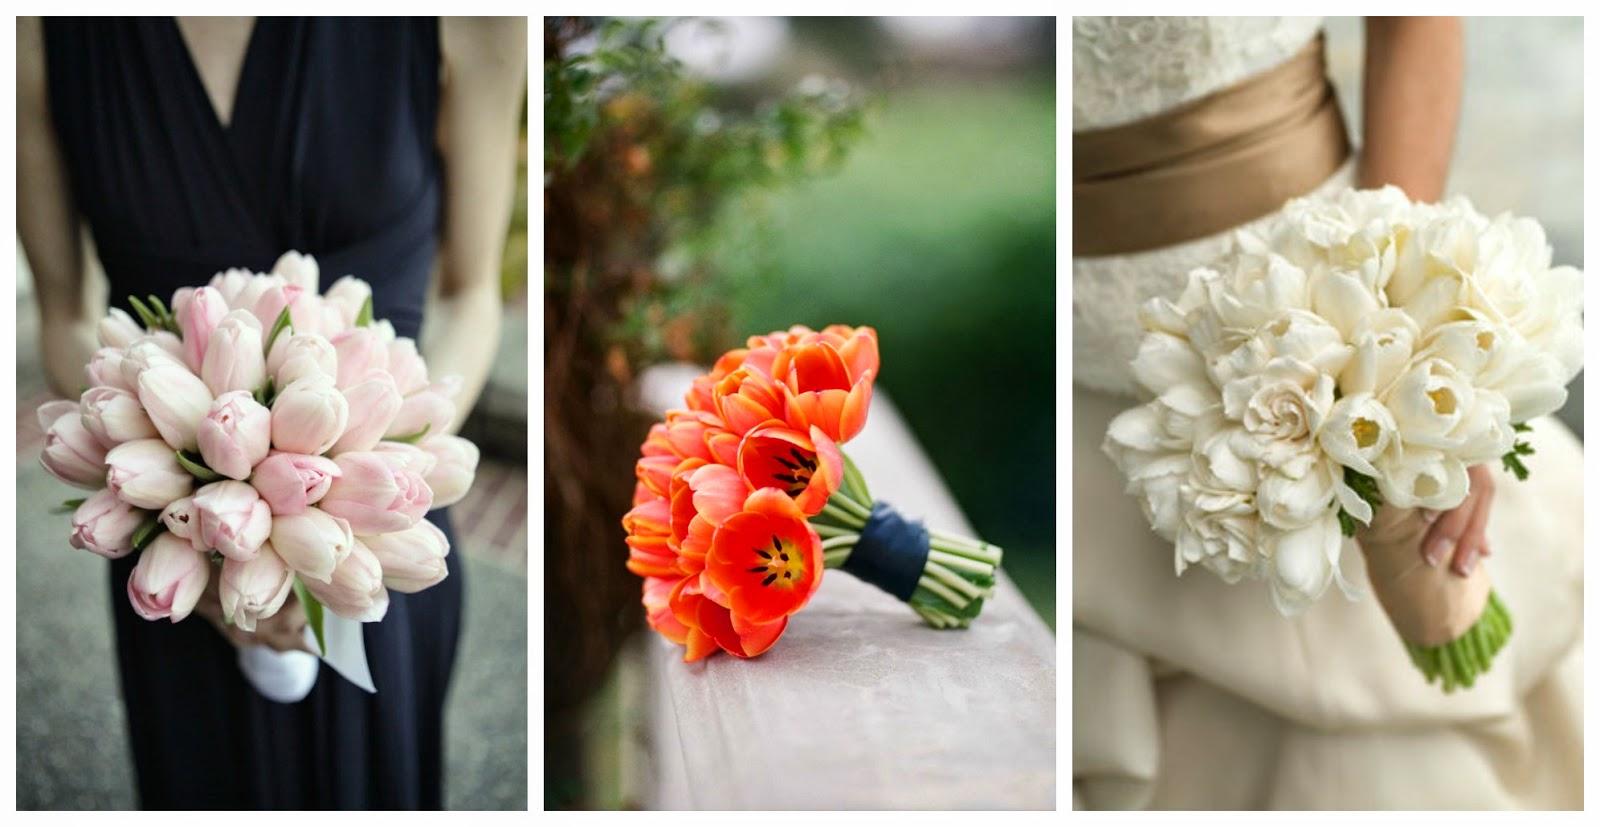 Le nozze di livia scegliamo il bouquet for Fiori di agosto